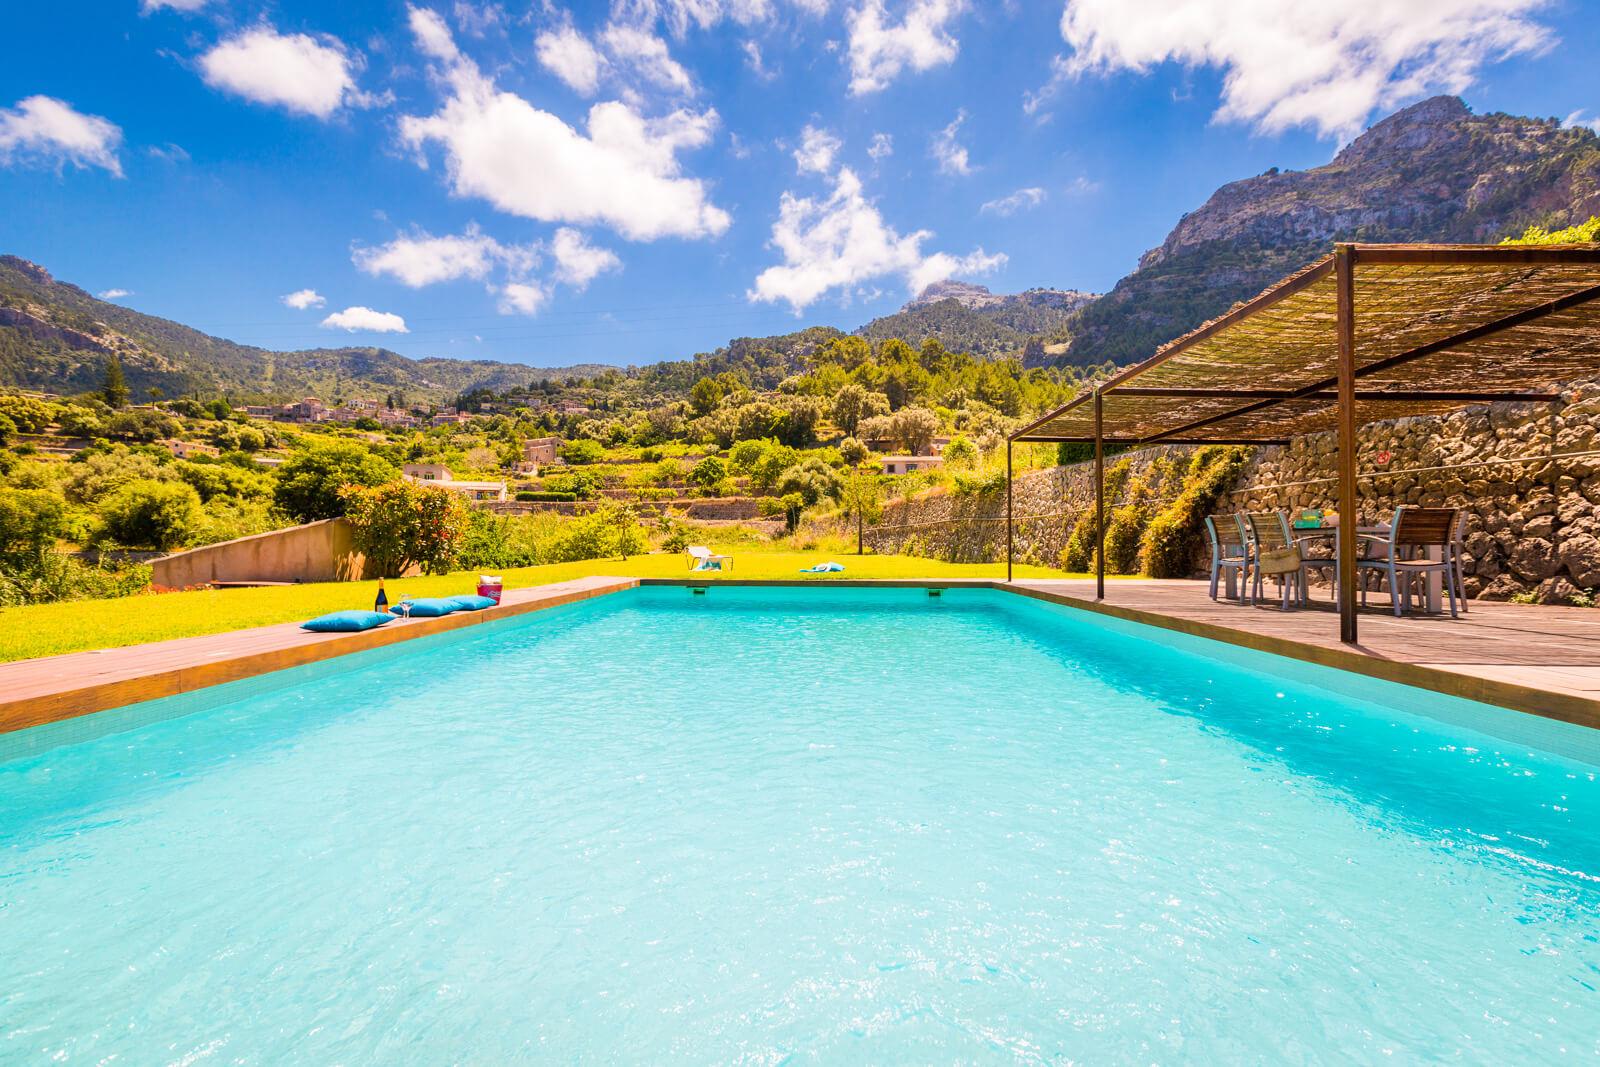 Finca Rubia Pool mit Blick in die Berge